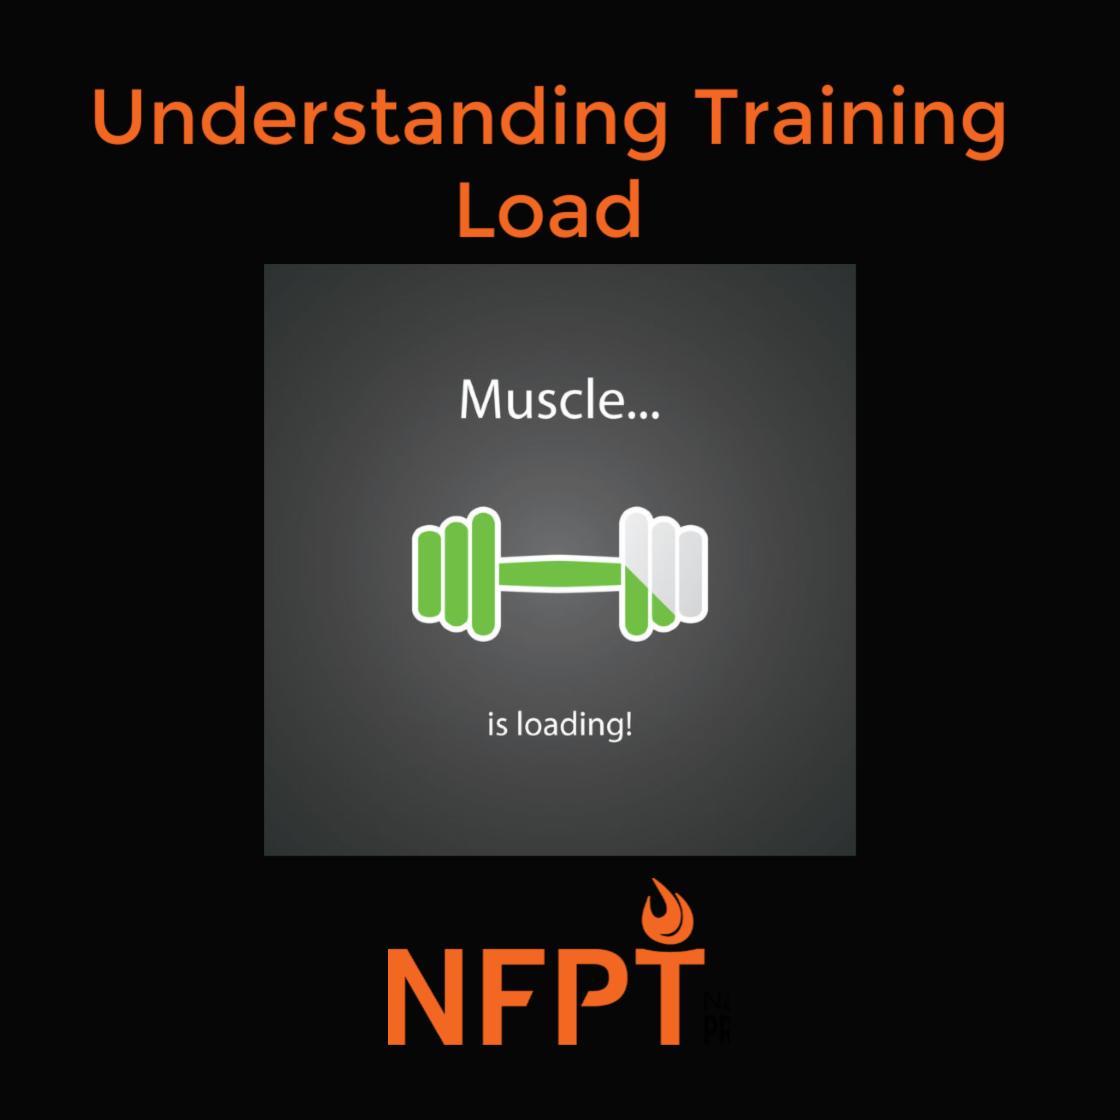 Training Load